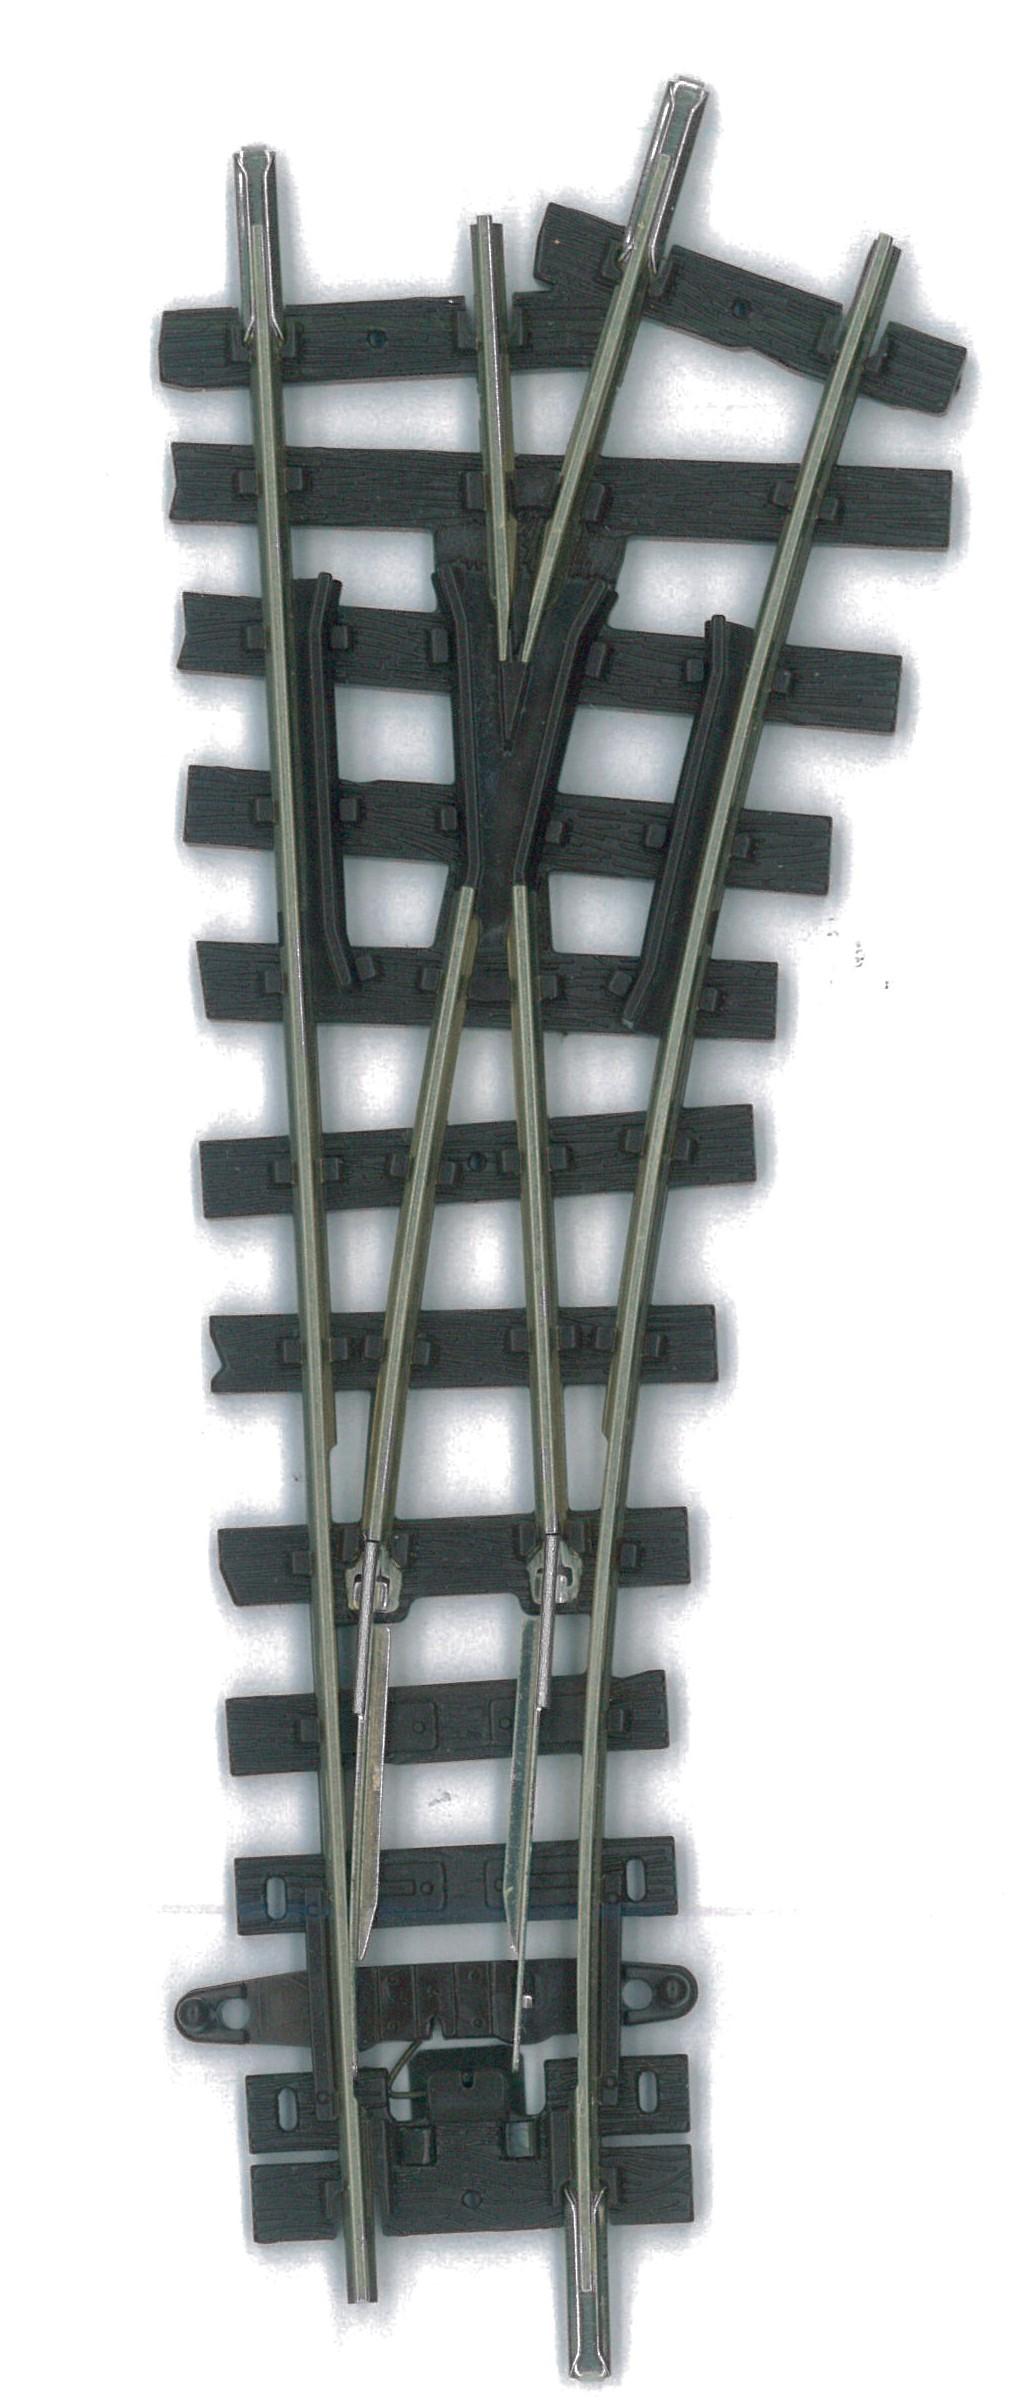 H0e Weiche kurz rechts, R=228mm - Peco  | günstig bestellen bei Weinert-Bauteile